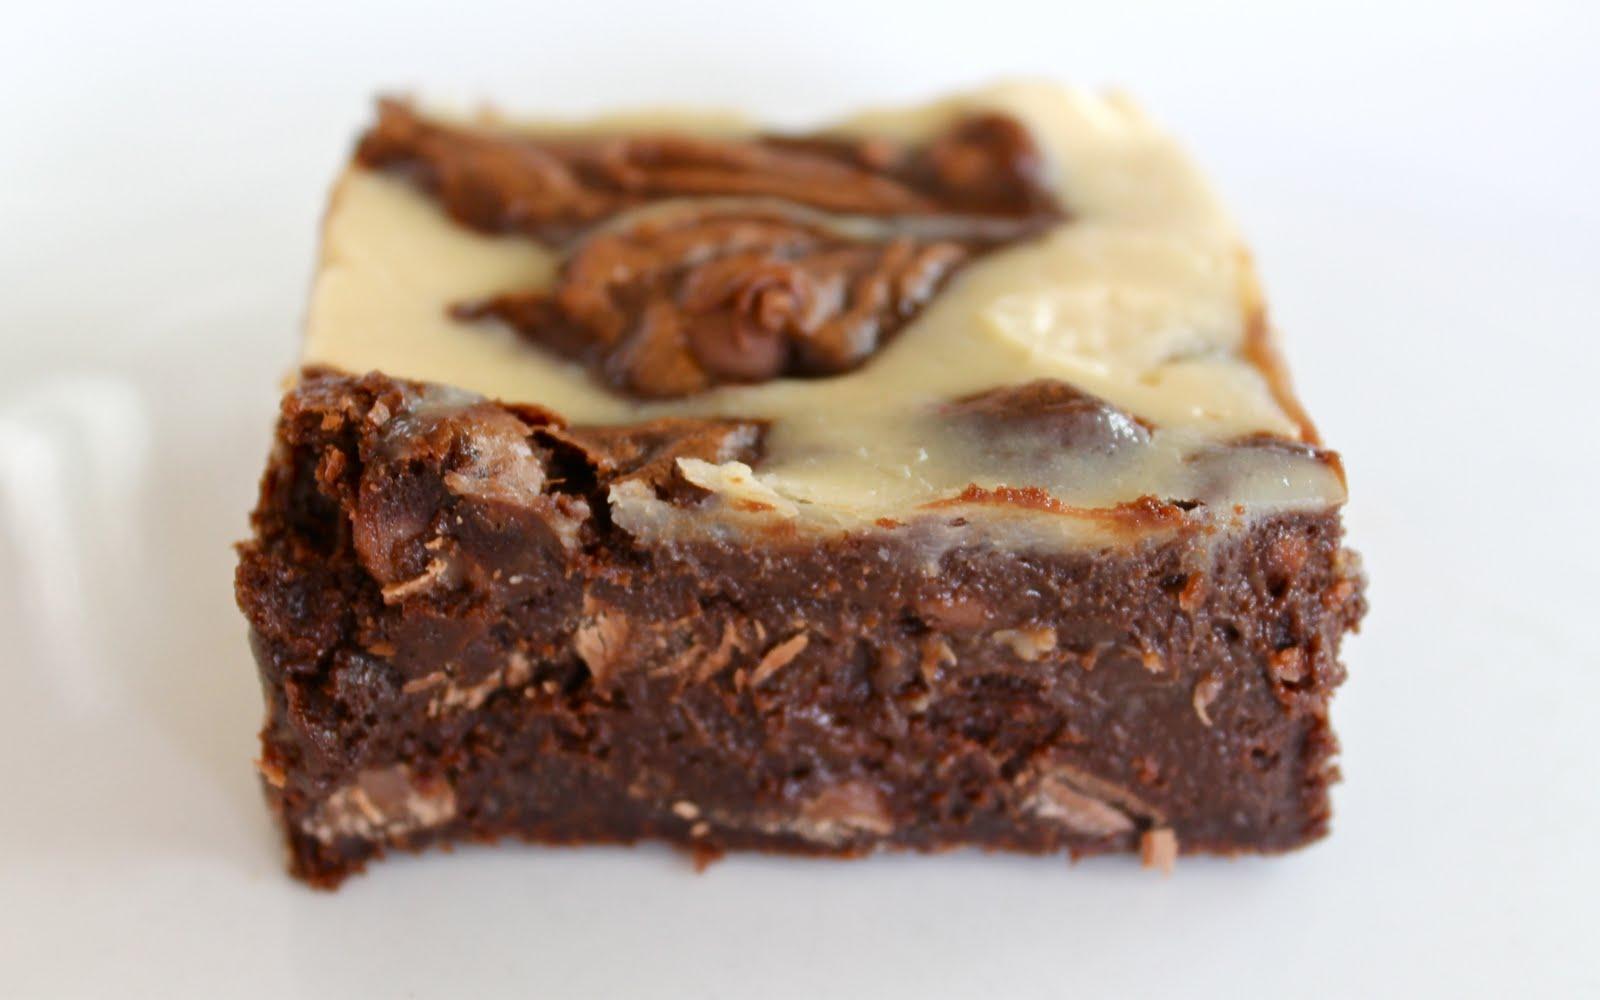 Yammie's Noshery: Cheesecake Swirled Fudge Brownies